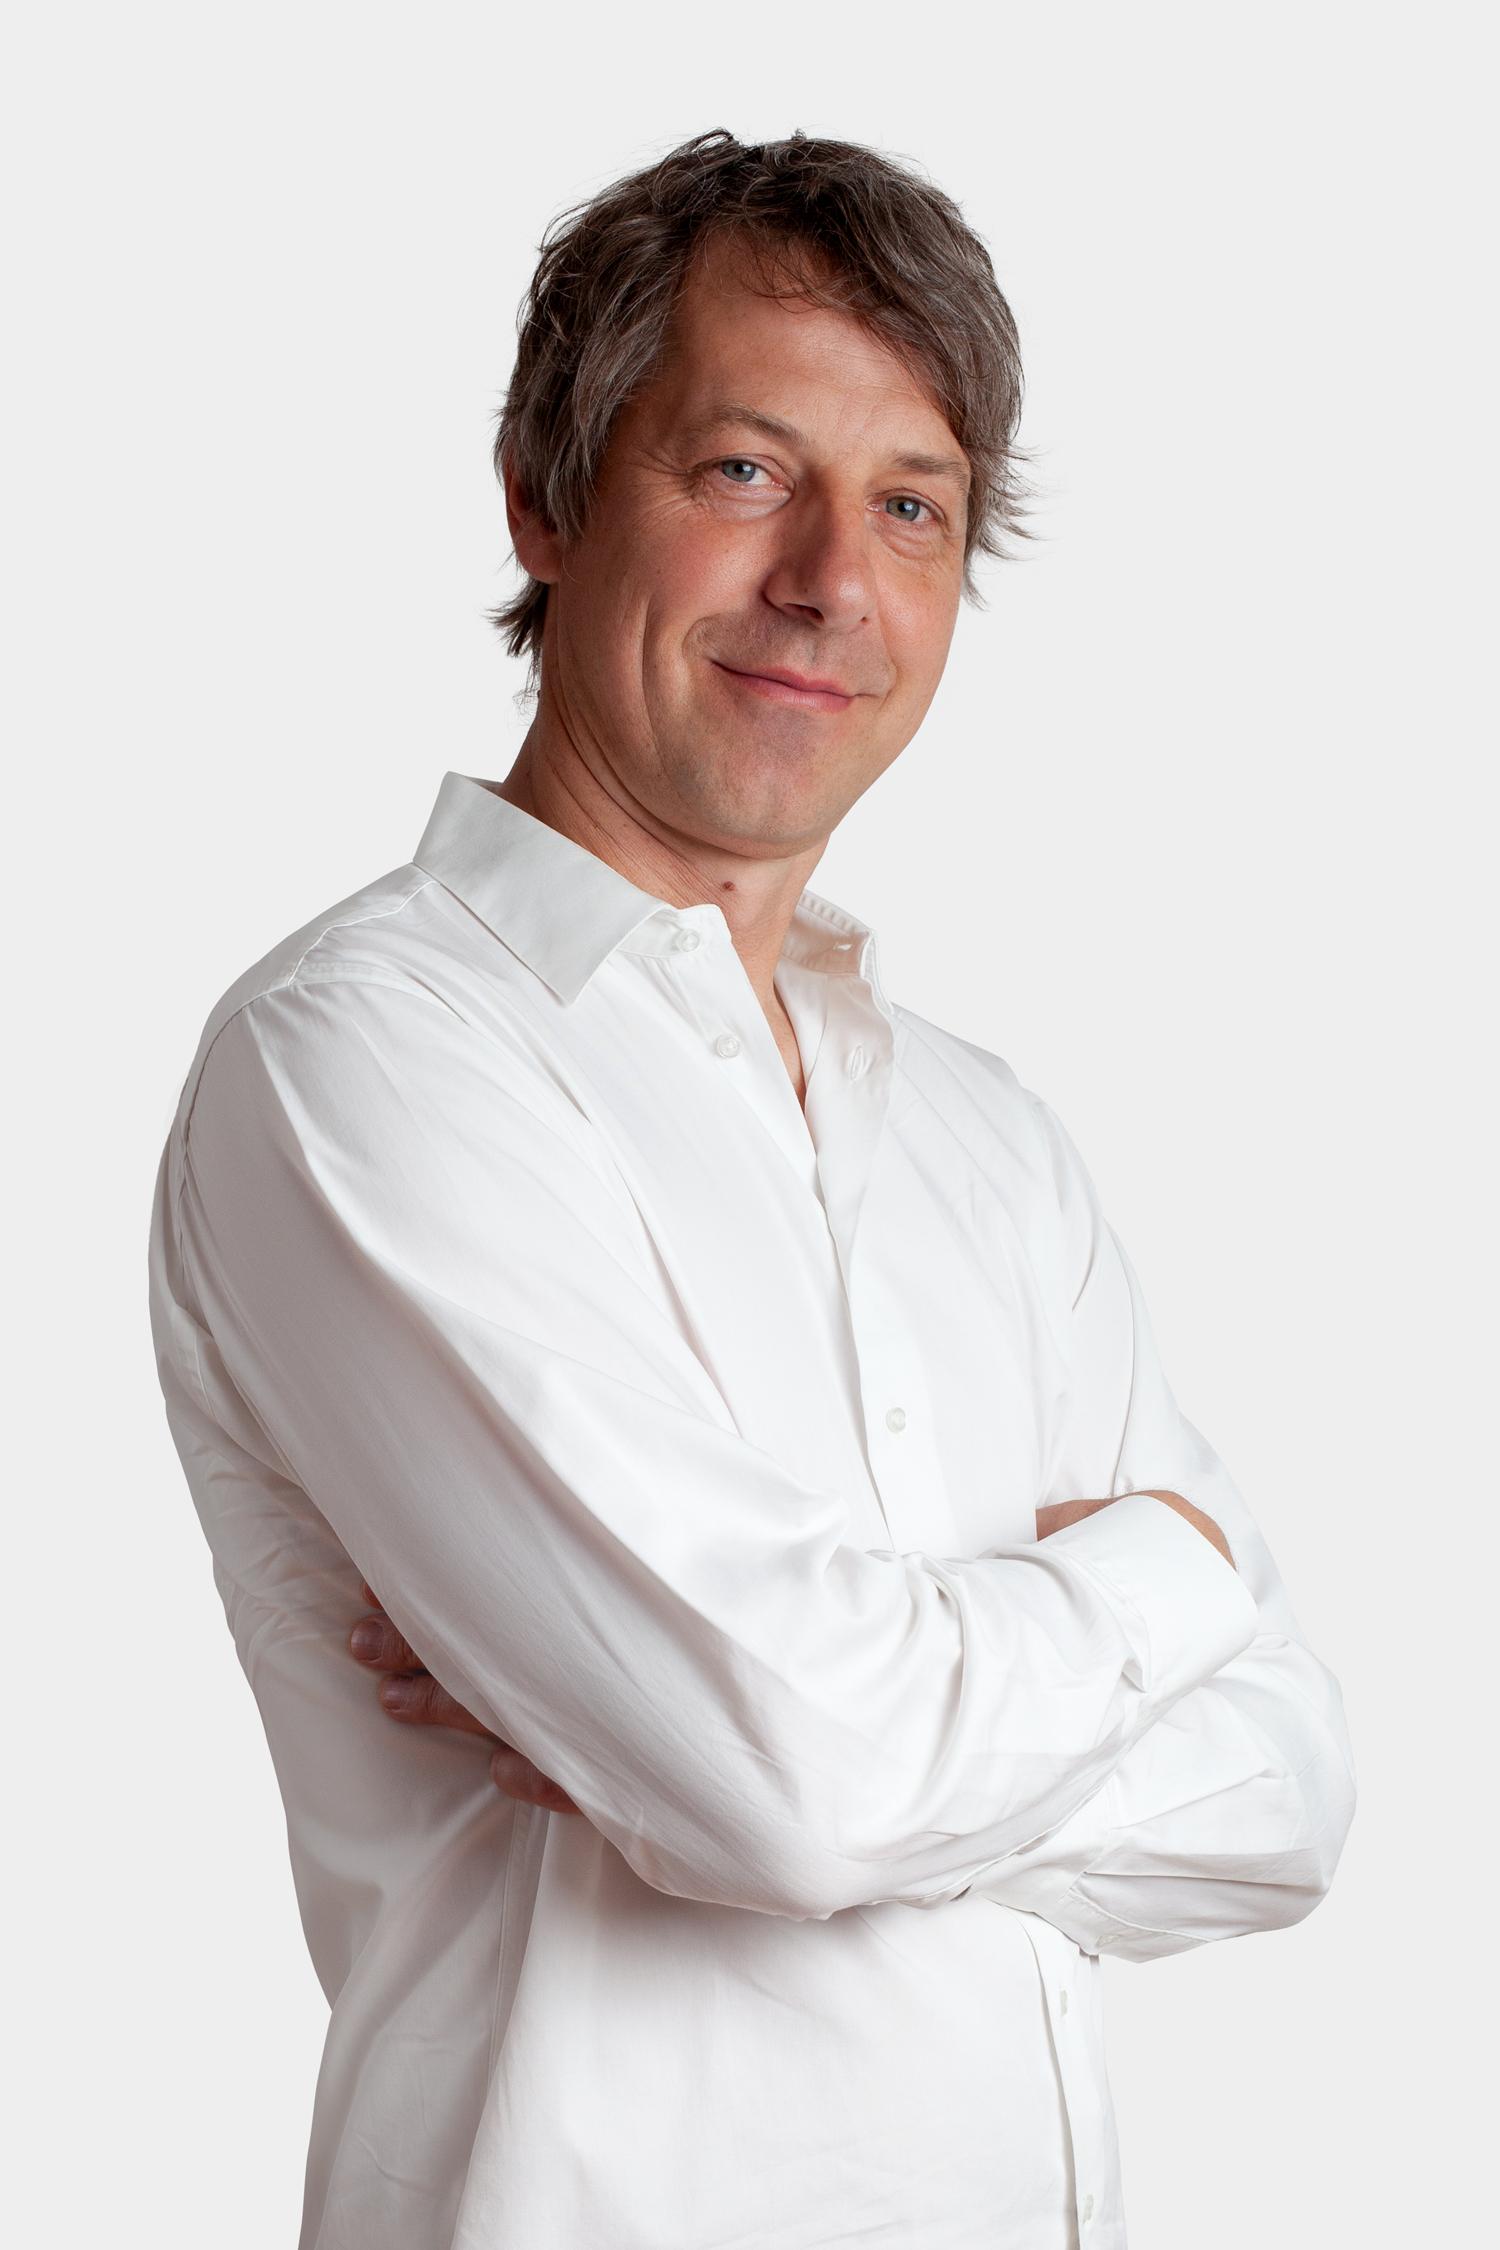 Daniel Saltzwedel